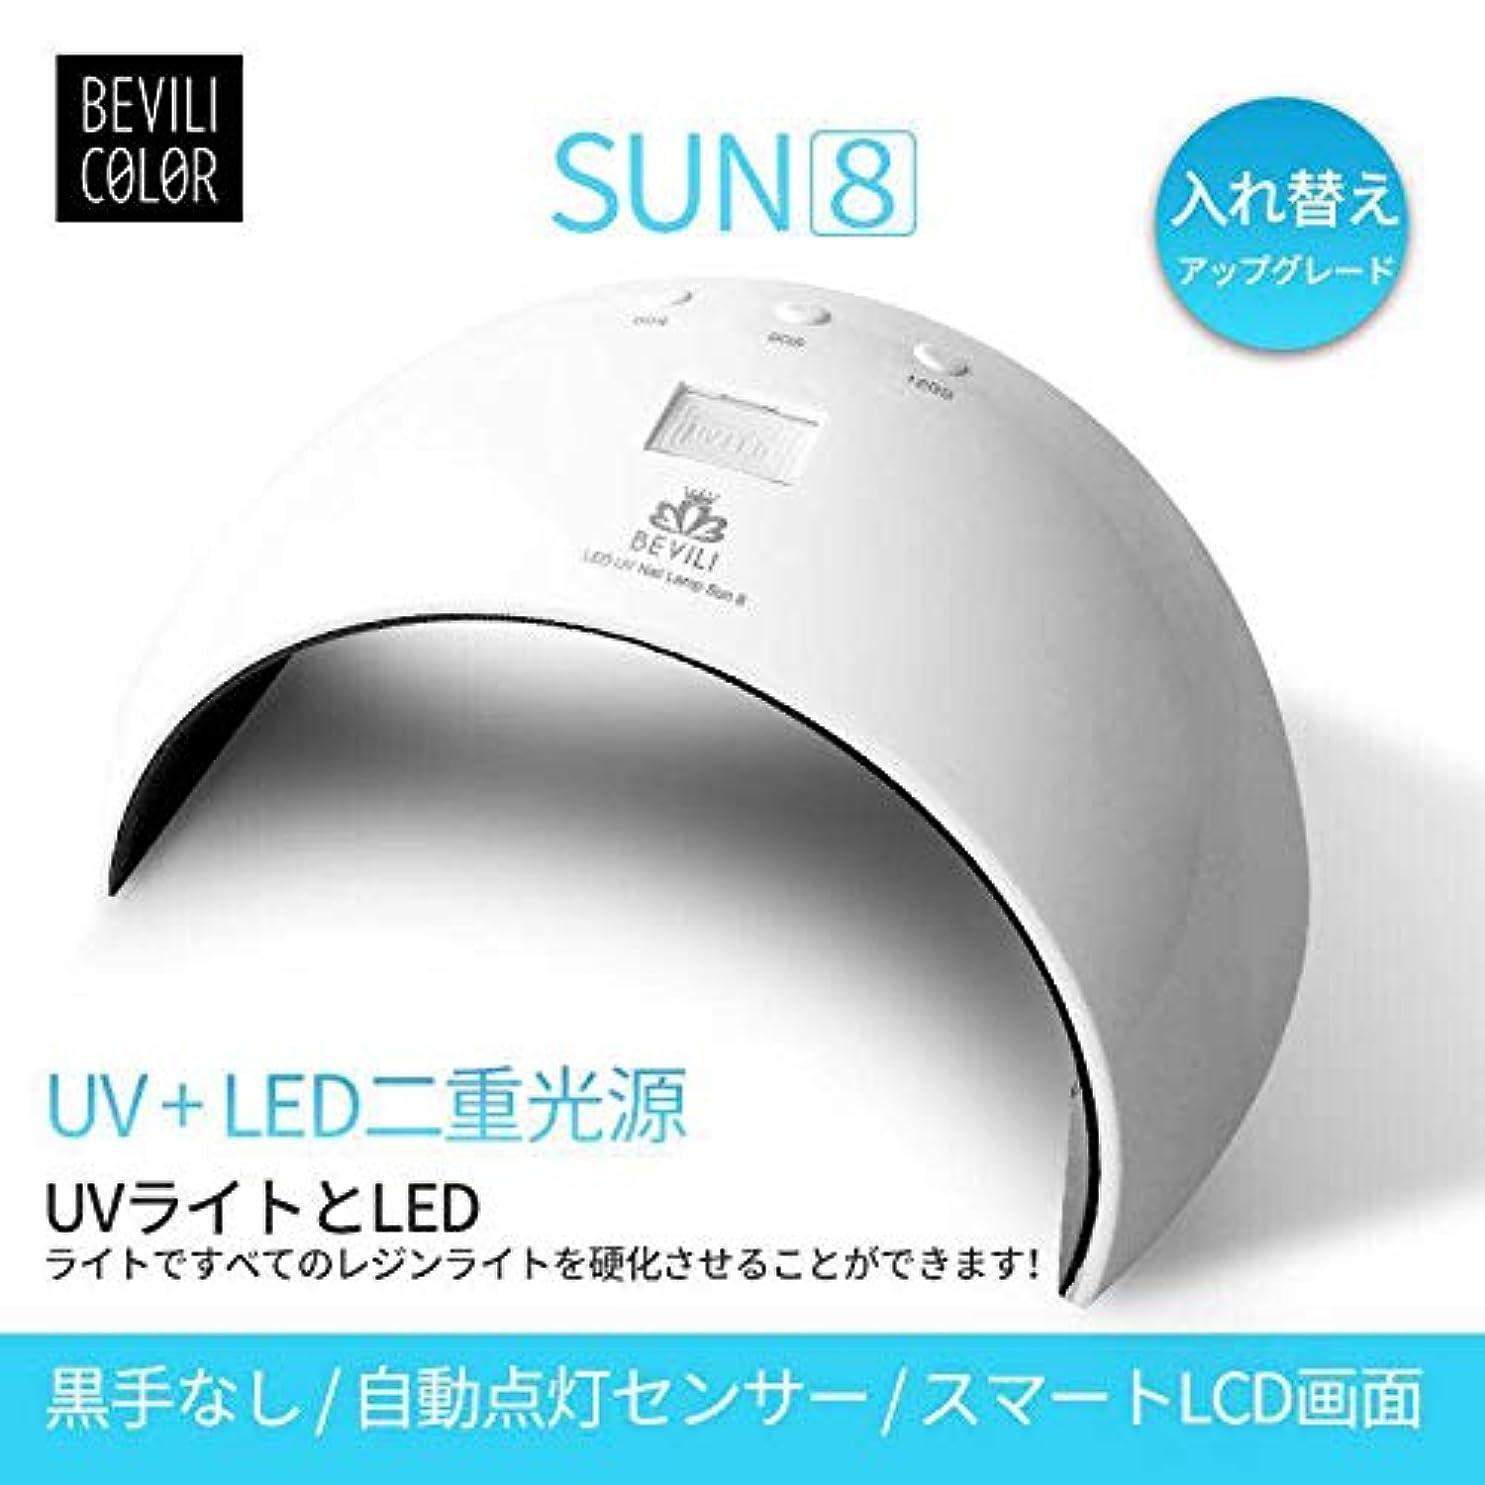 ペルメルフォーラム暴行UV LEDネイルドライヤー 人感センサー UVライト24W 180度照射 Laintran 三つタイマー設定可能 UV と LEDダブルライト ジェルネイル用 ホワイト (24W) (ホワイト)